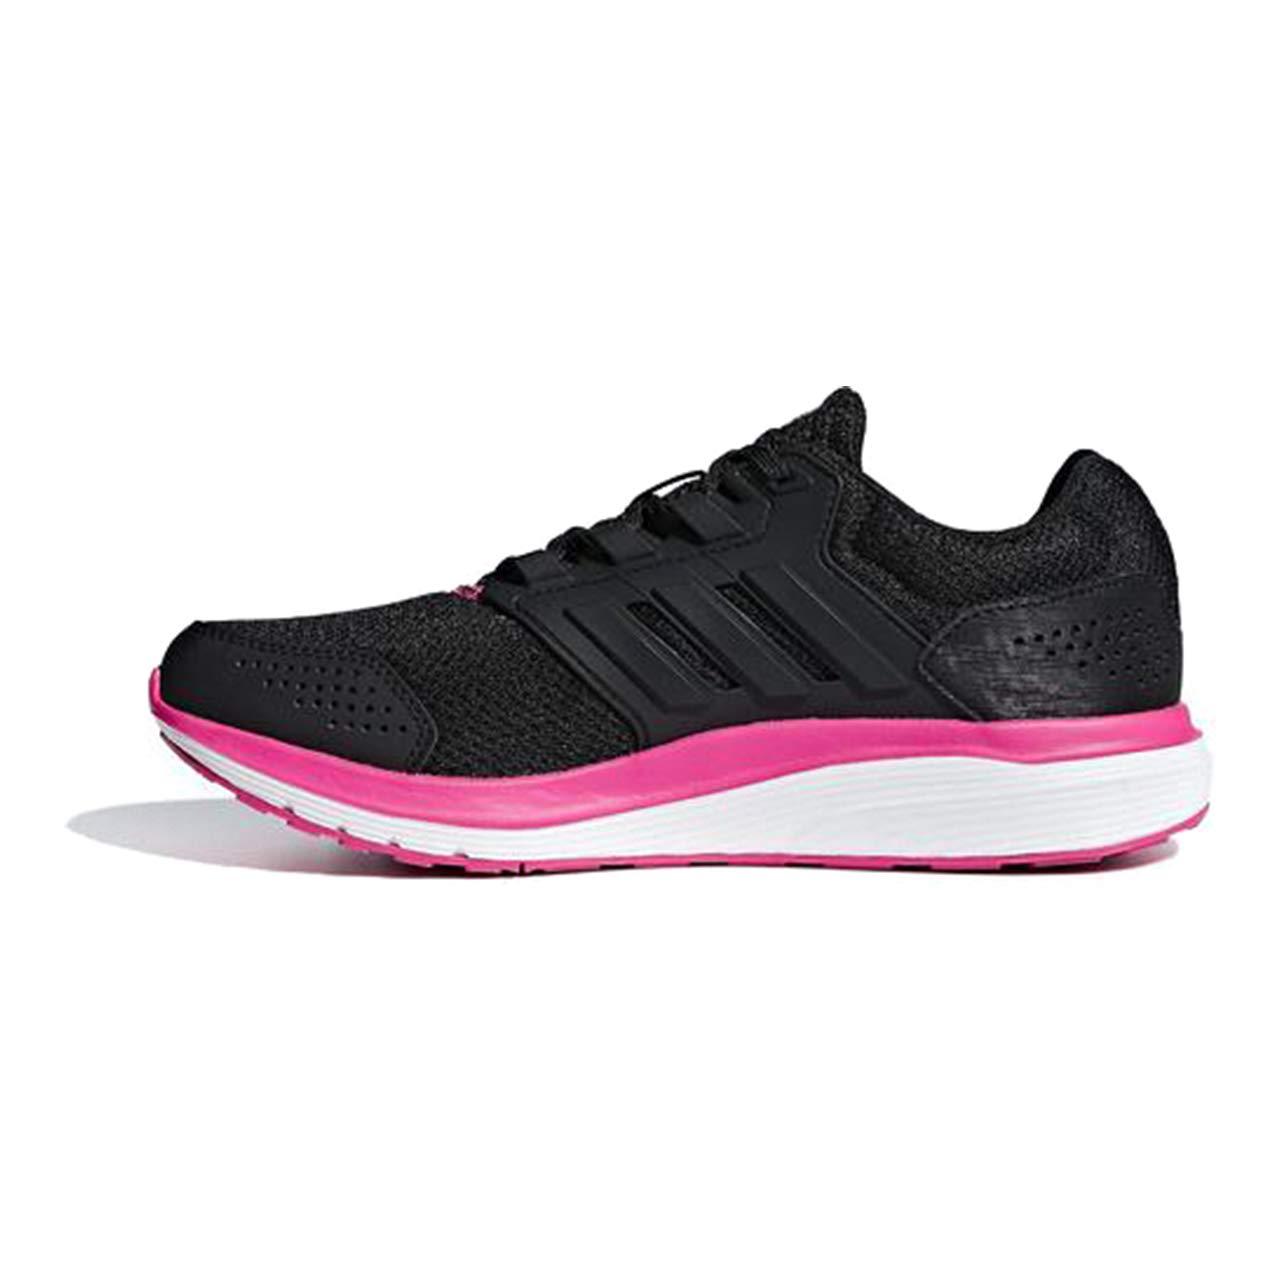 Adidas Galaxy 4 - Zapatillas de Entrenamiento Mujer 40 EU|Negro (Core Black/Core Black/Shock Pink)